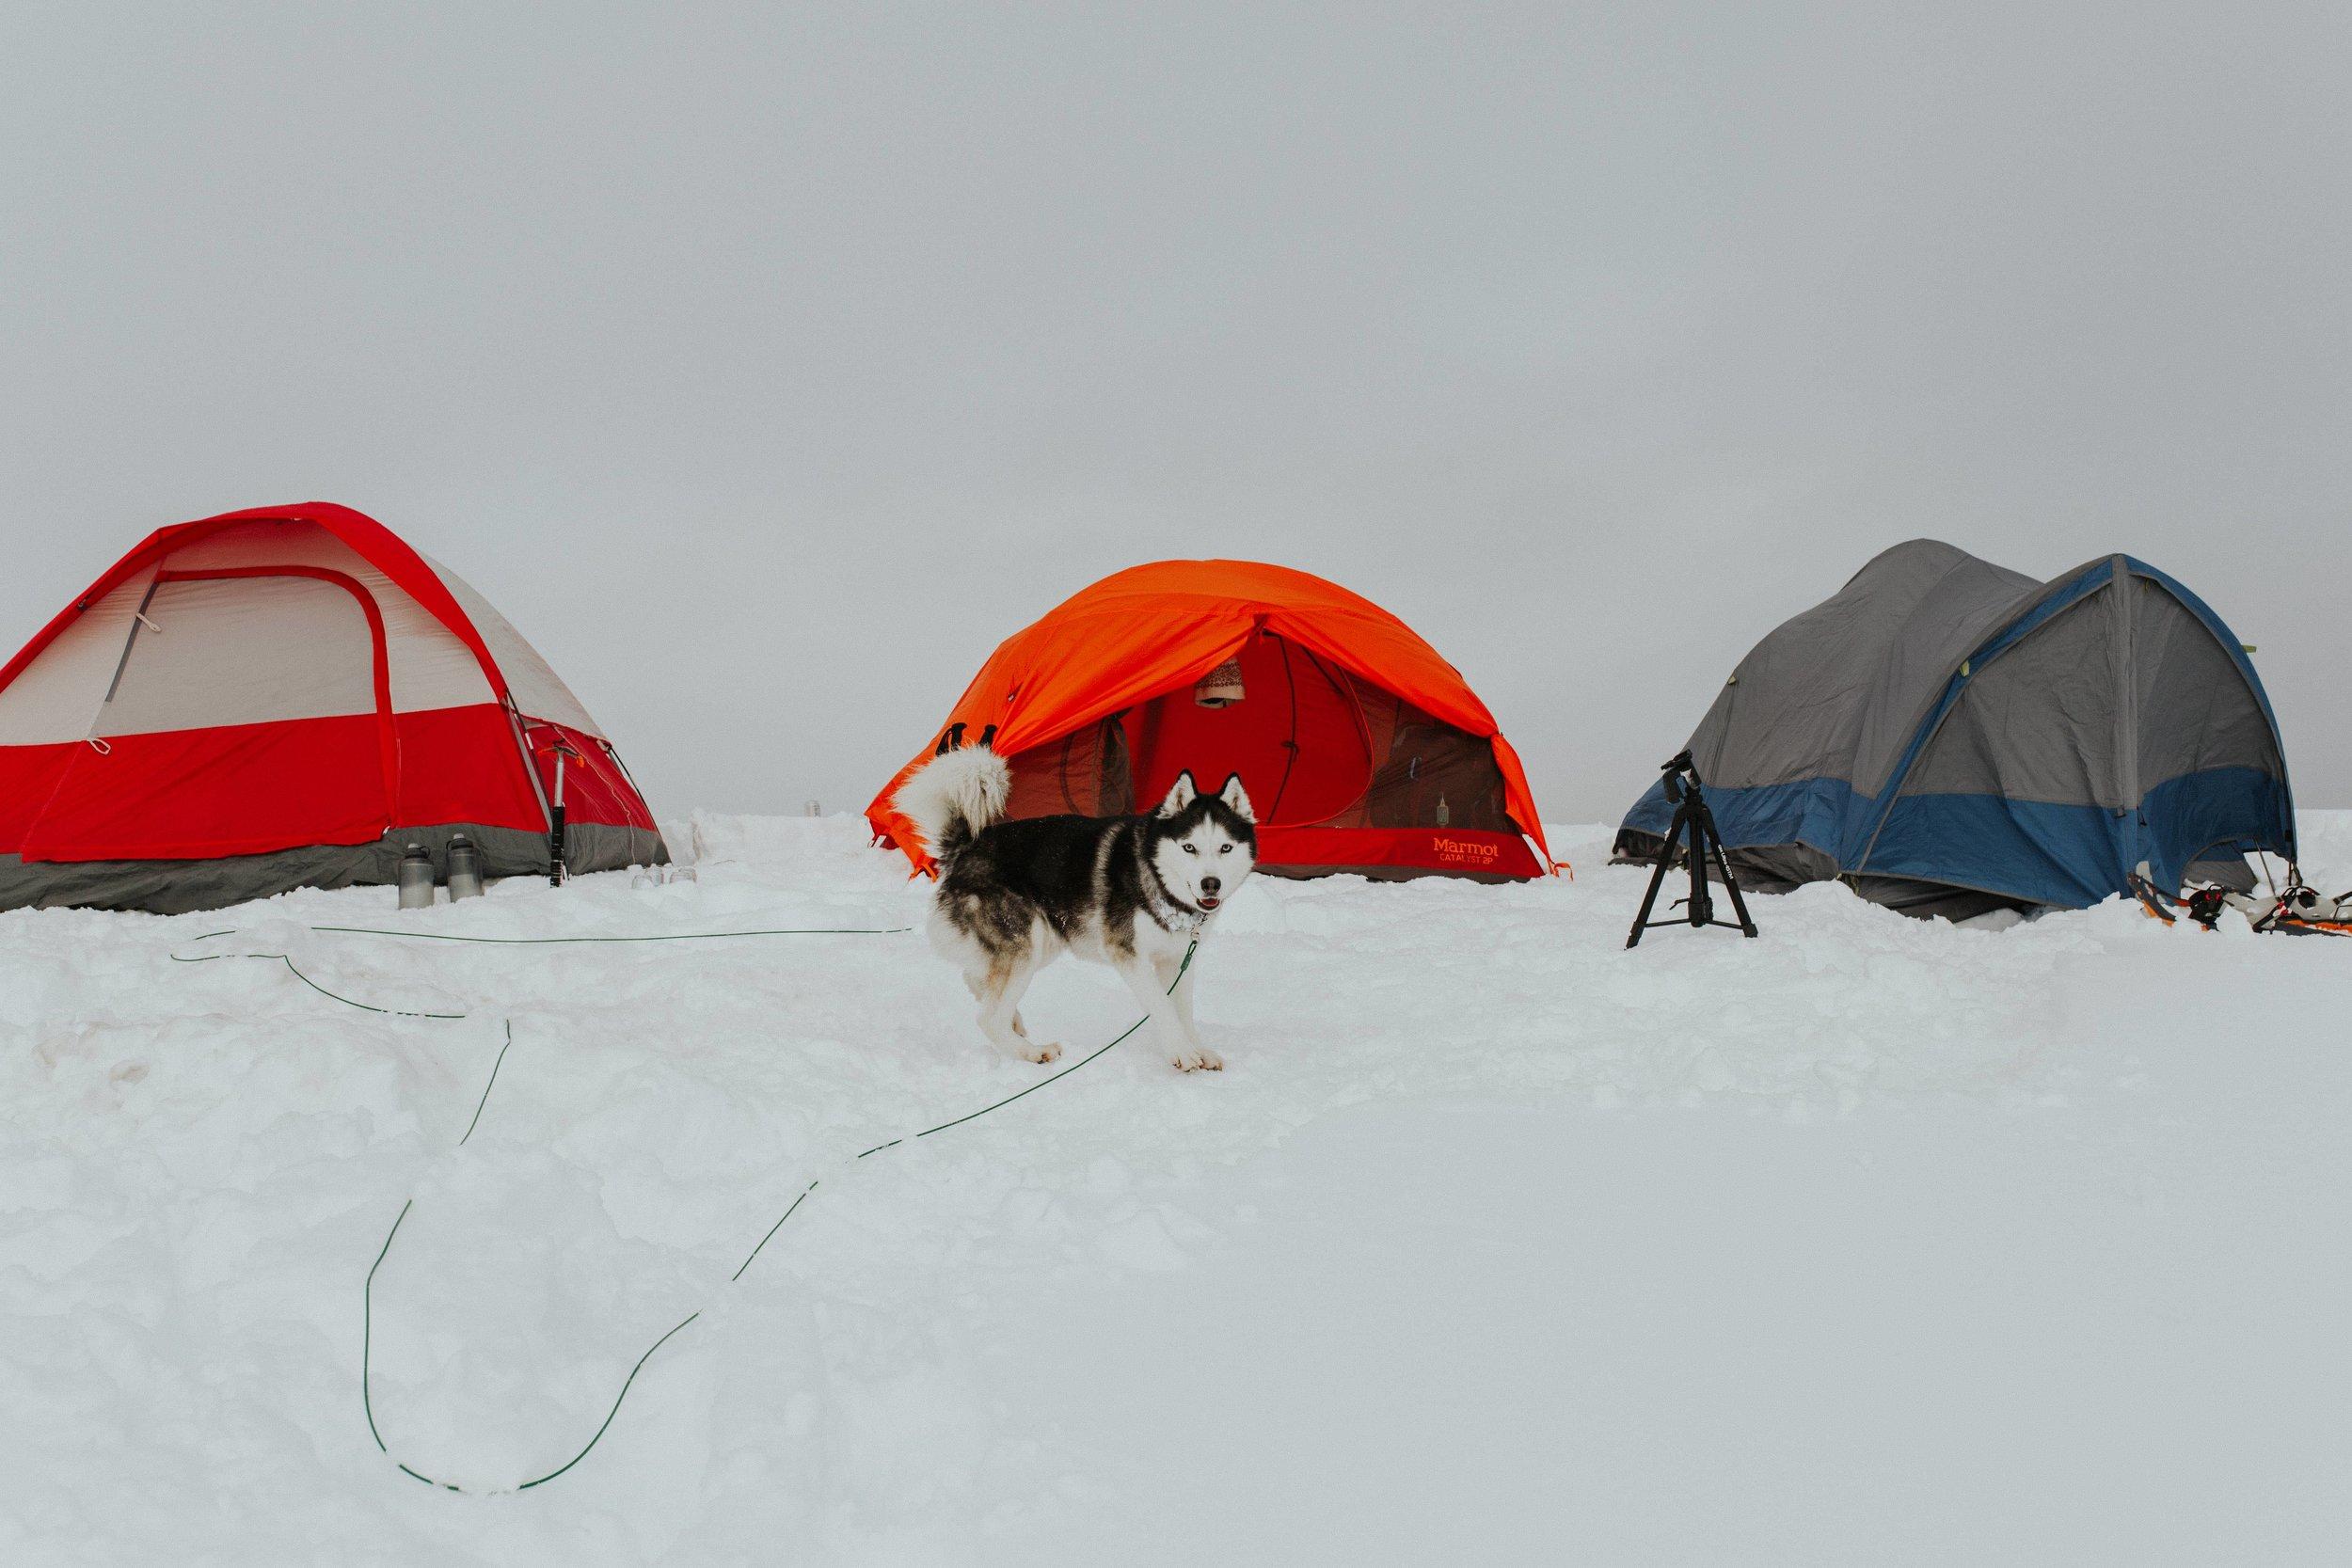 adventure-wedding-photographer-artist-point-snow-camping-elopement-photographer-mount-baker-photographer.jpg